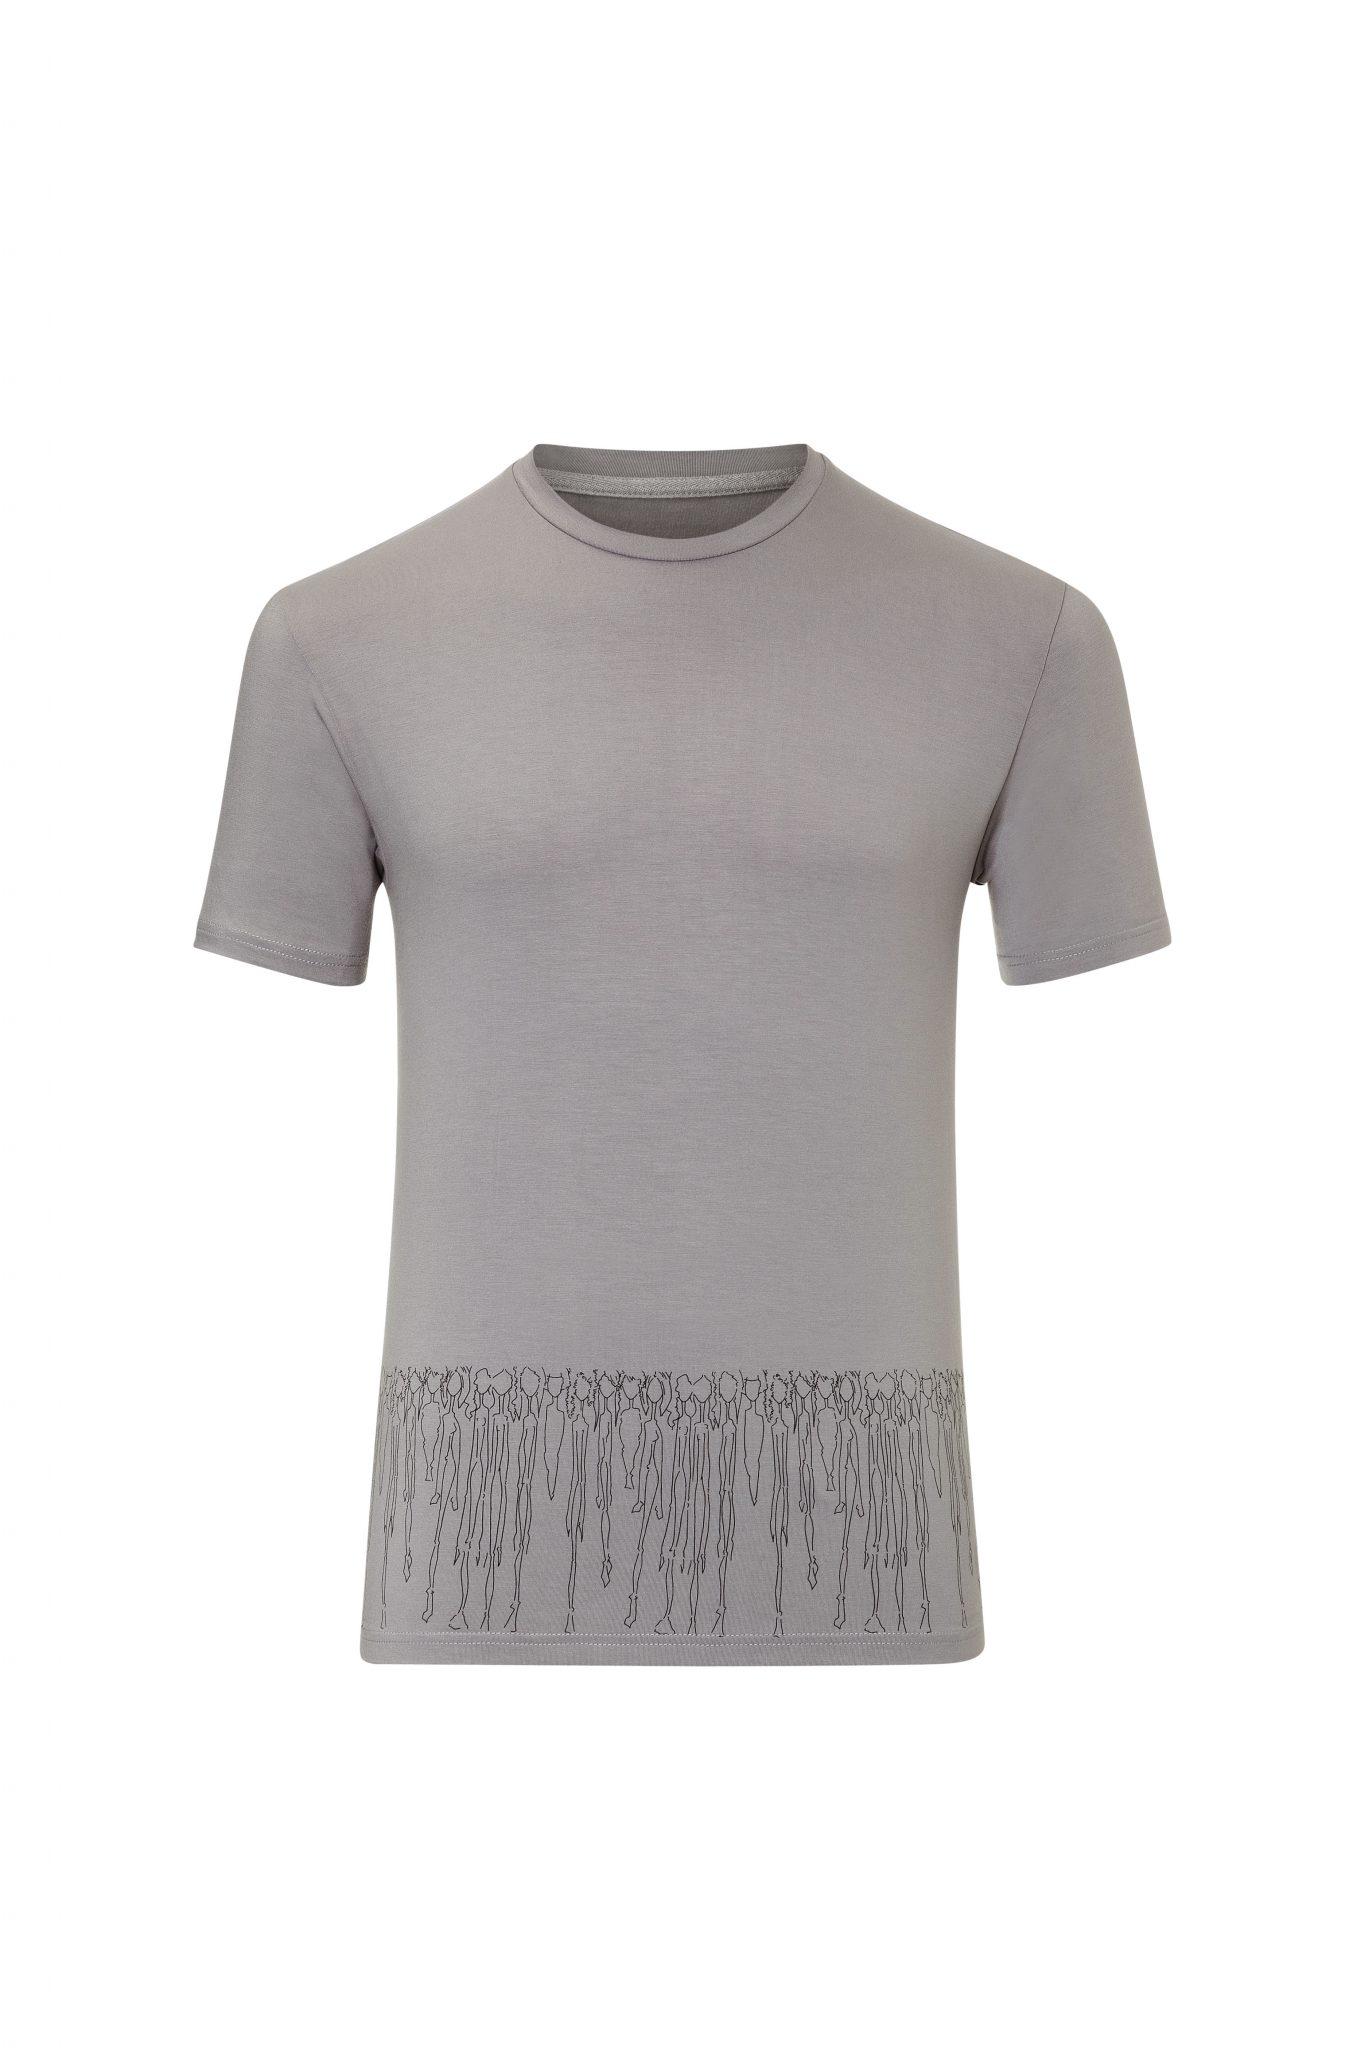 Herren T-Shirt grau – Motiv Menschen